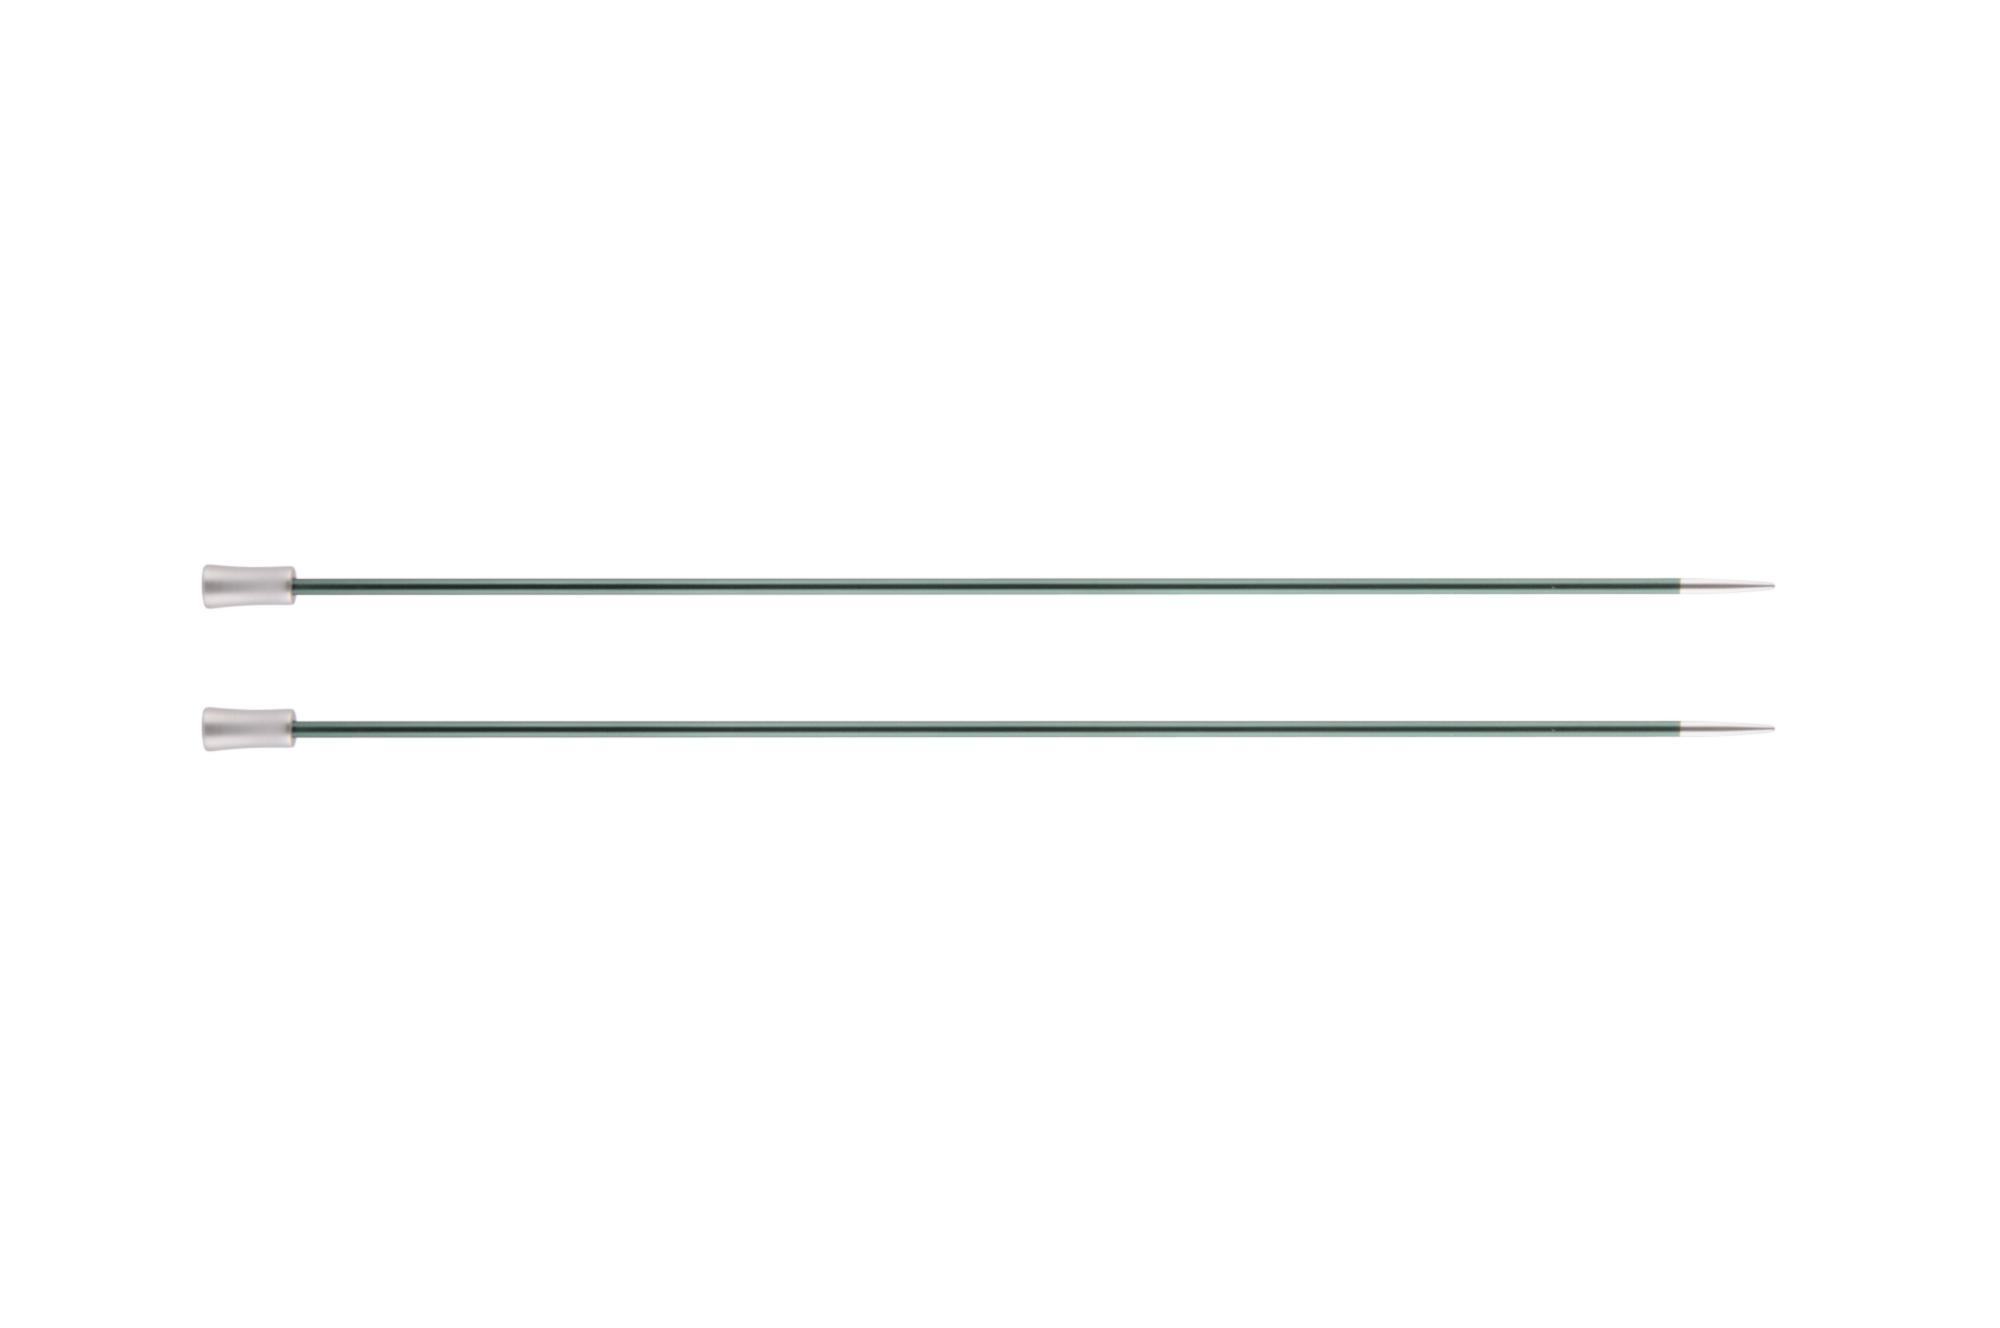 Спицы прямые 35 см Zing KnitPro, 47295, 3.00 мм